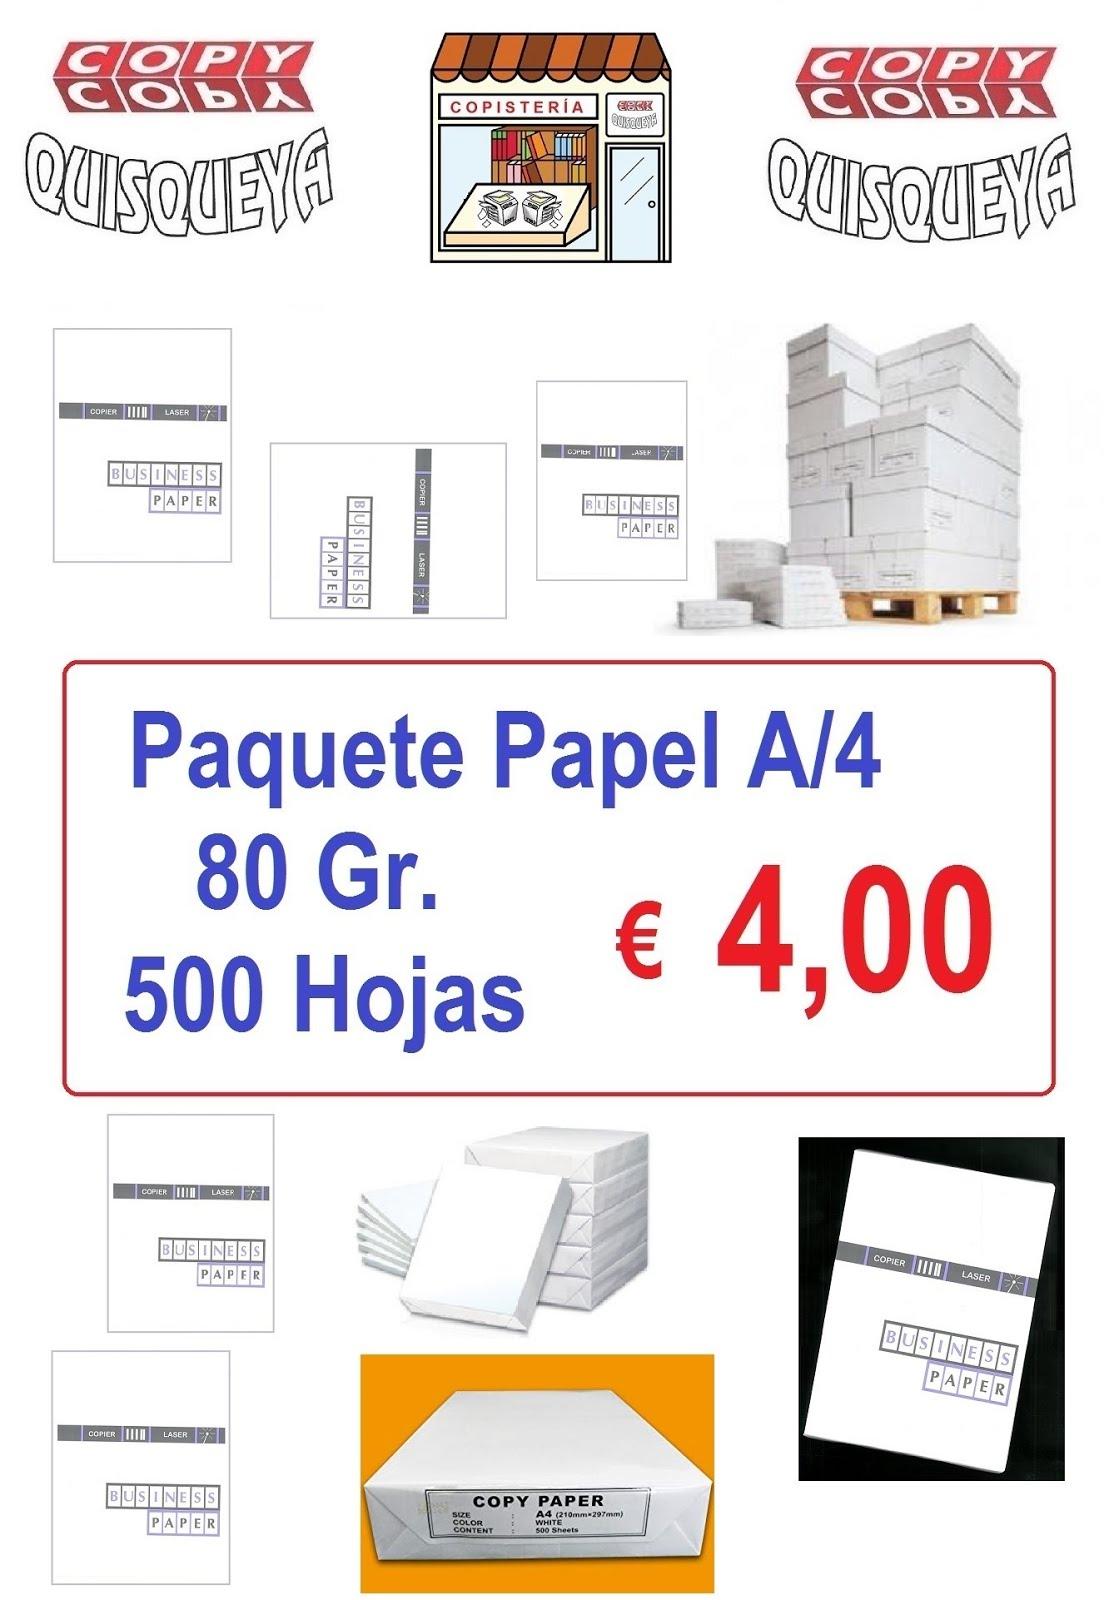 ... OFERTA PAPEL A/4 - PAQUETA 500 HOJAS - 80 GRS. ....